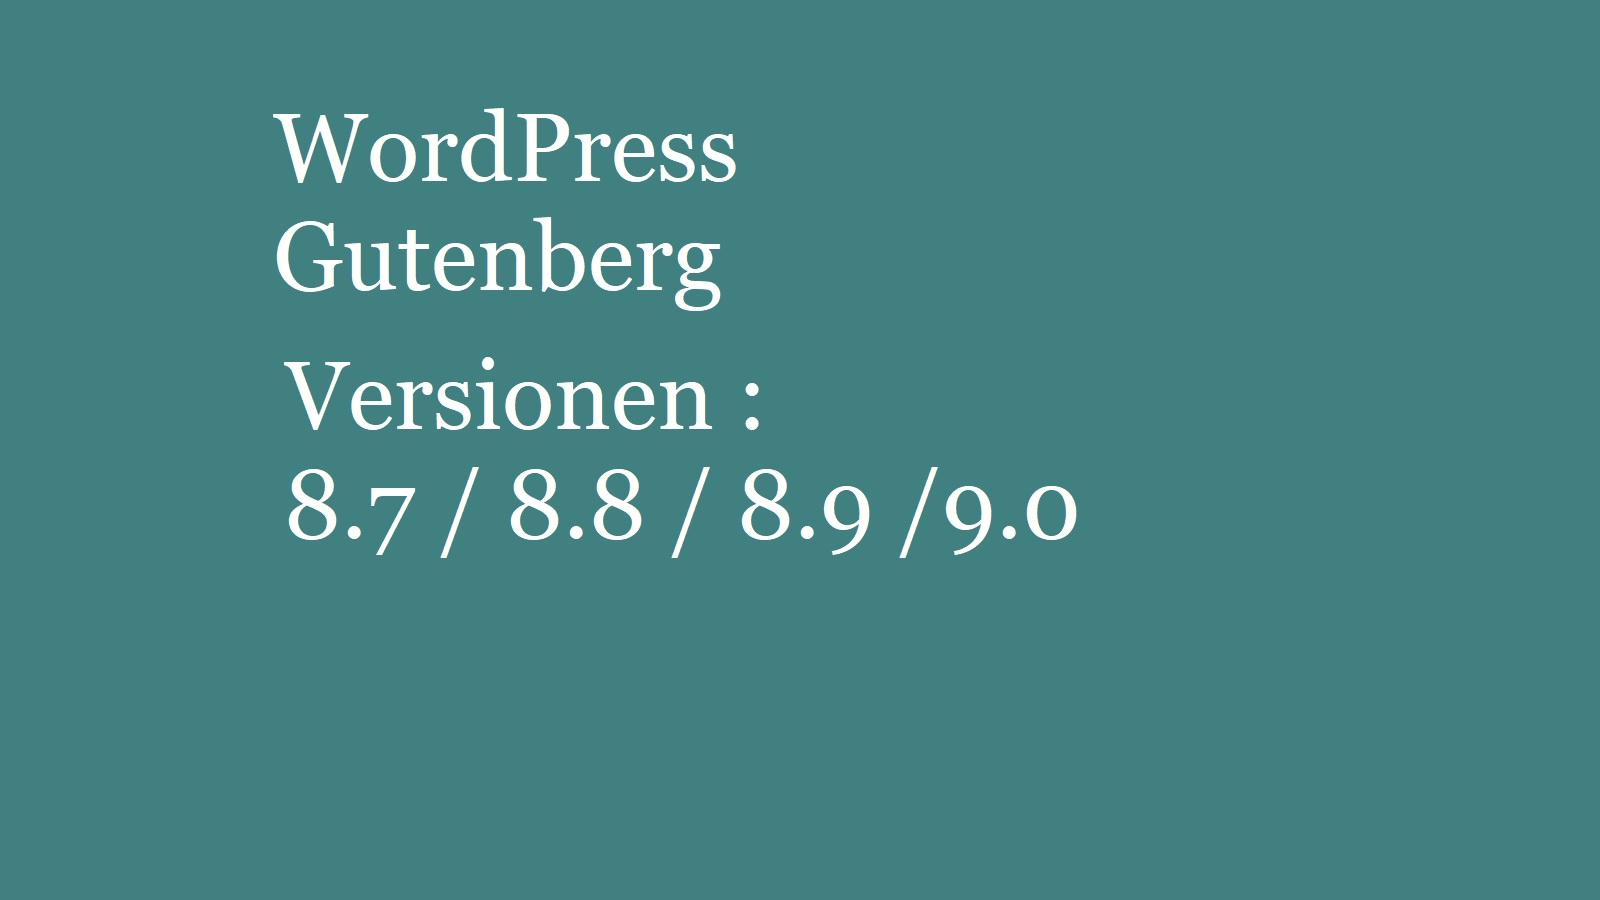 wp-gutenberg-versionen